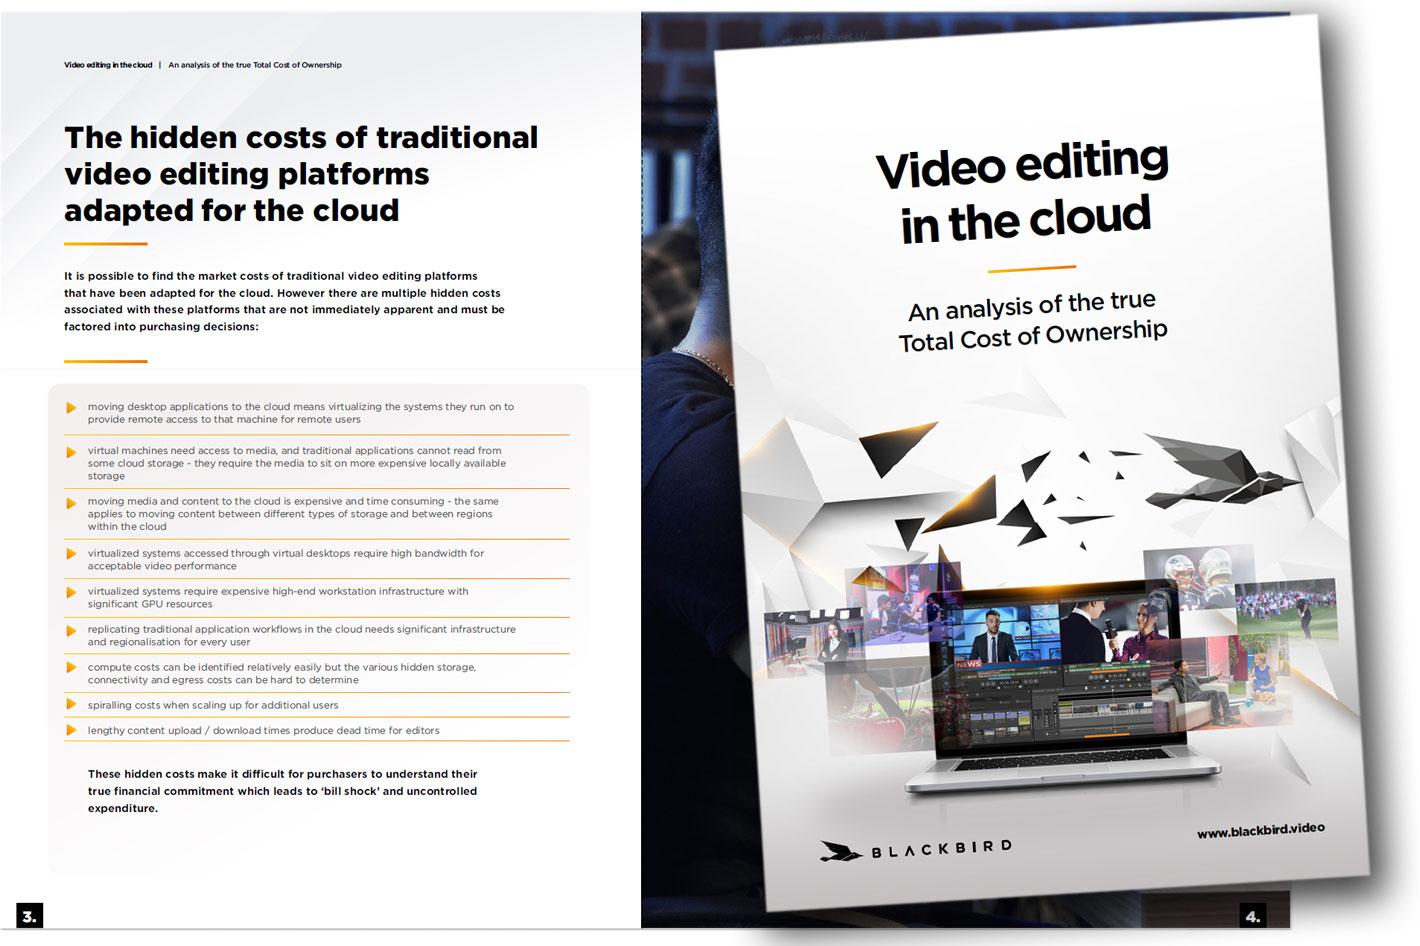 Edición de video en la nube: el verdadero costo total de propiedad